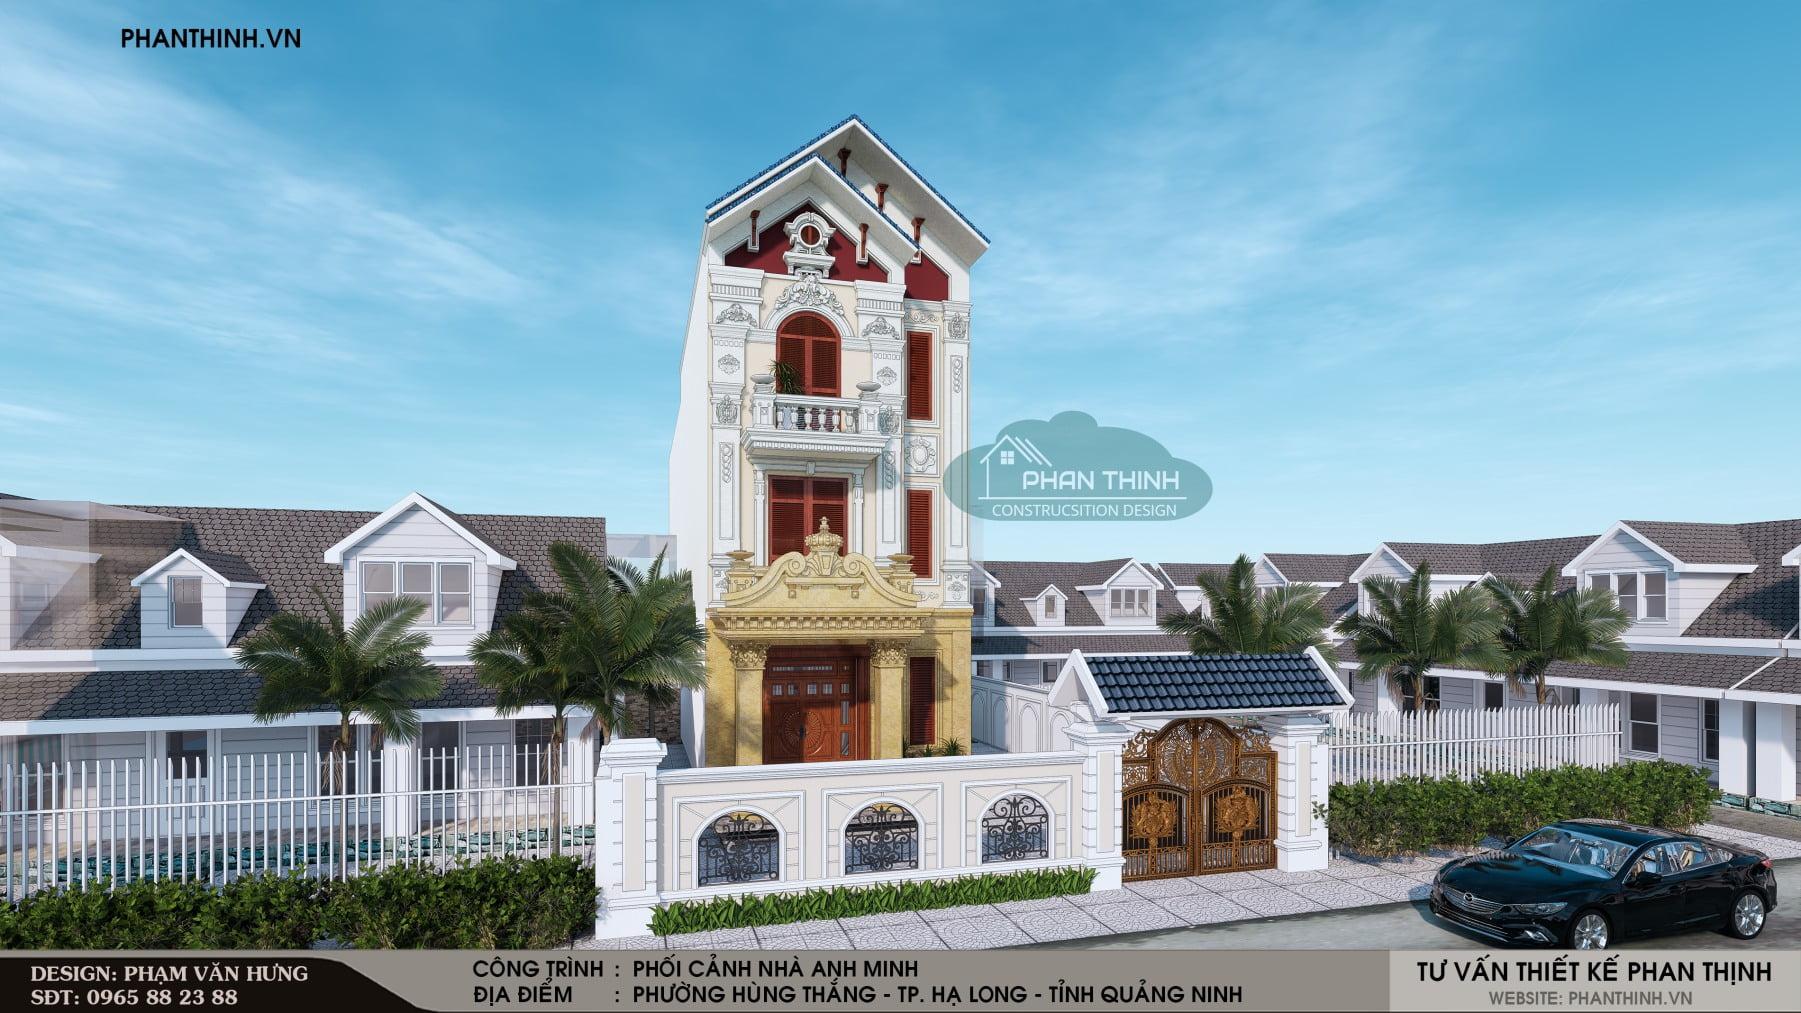 Phương án thiết kế phối cảnh nhà 3 tầng kiến trúc cổ điển đẹp tại Quảng Ninh